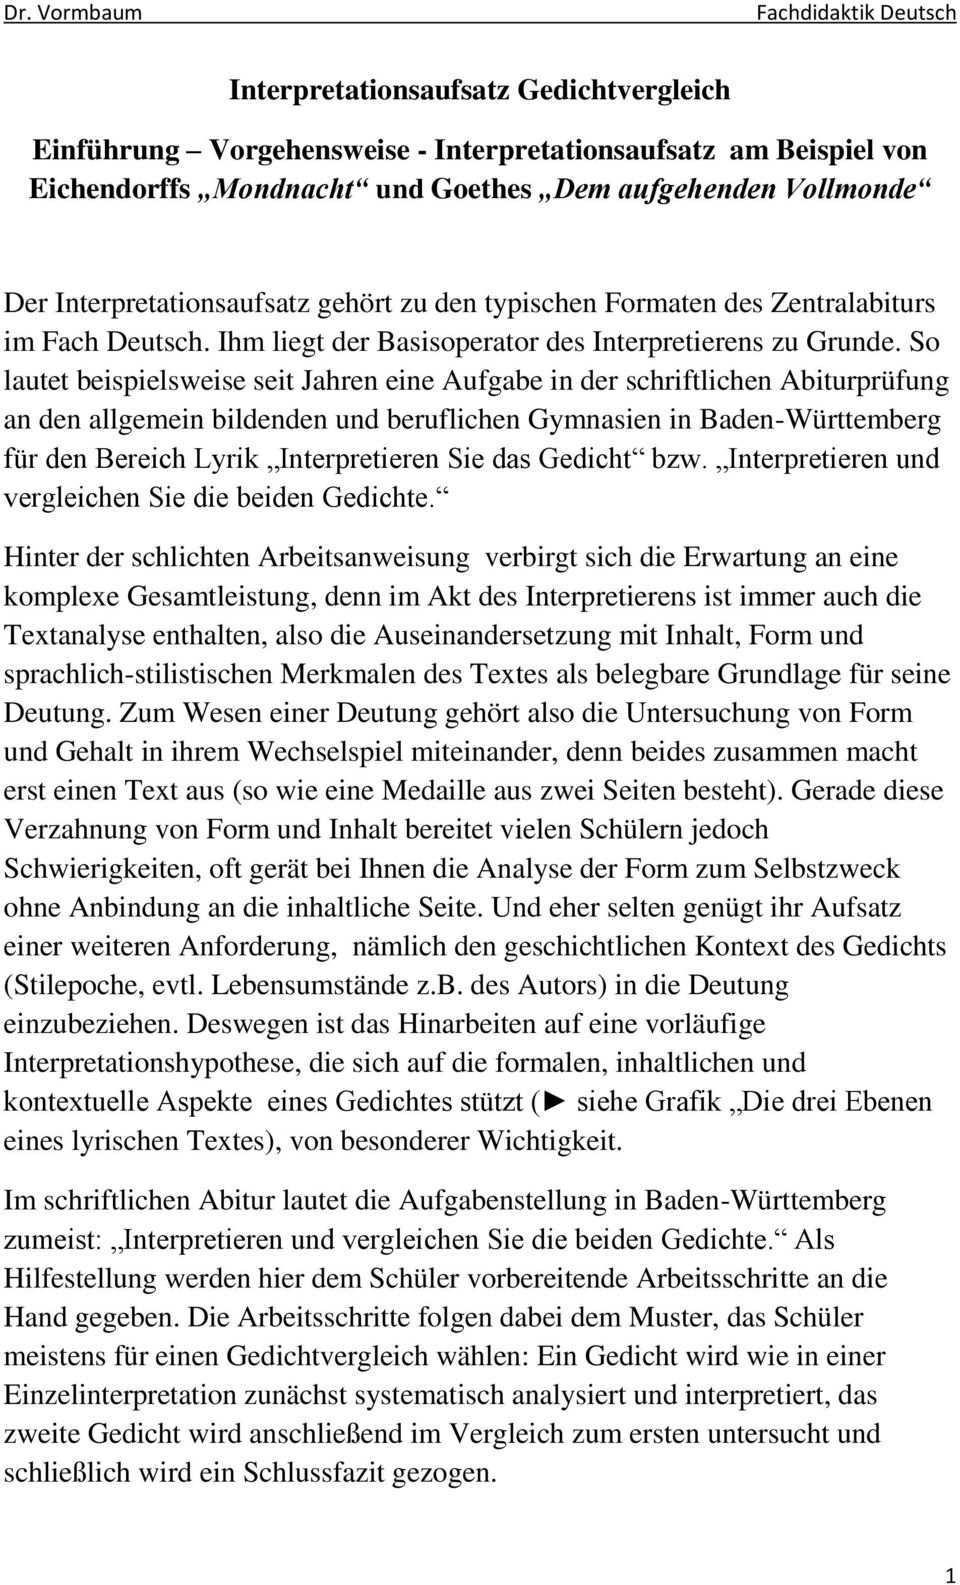 Interpretationsaufsatz Gedichtvergleich Pdf Free Download